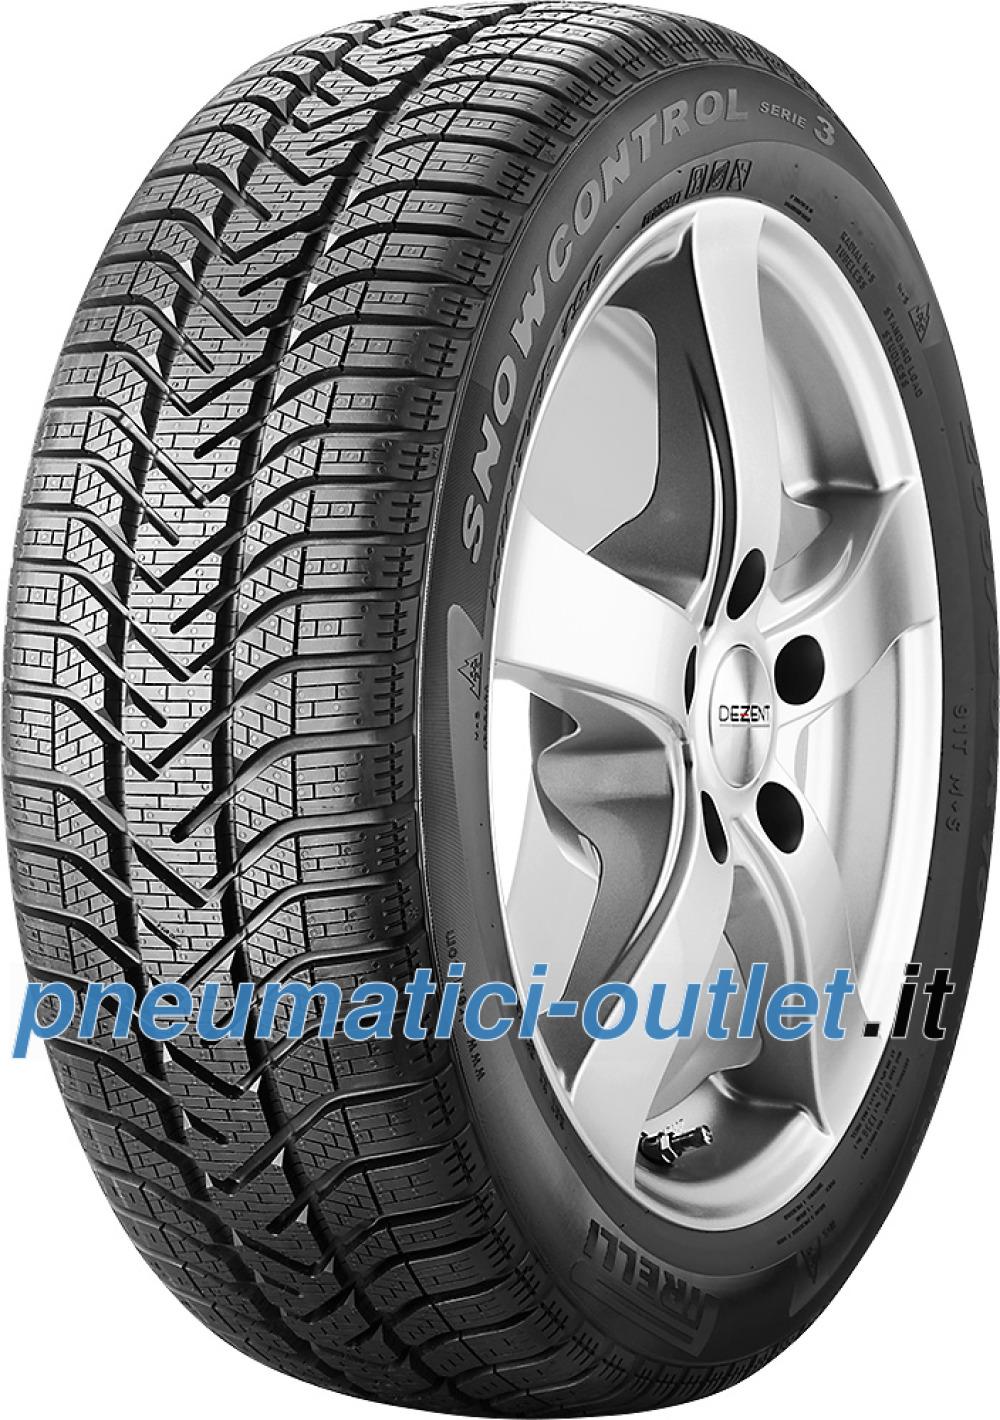 Pirelli W 210 Snowcontrol Serie III ( 195/55 R16 91H XL )